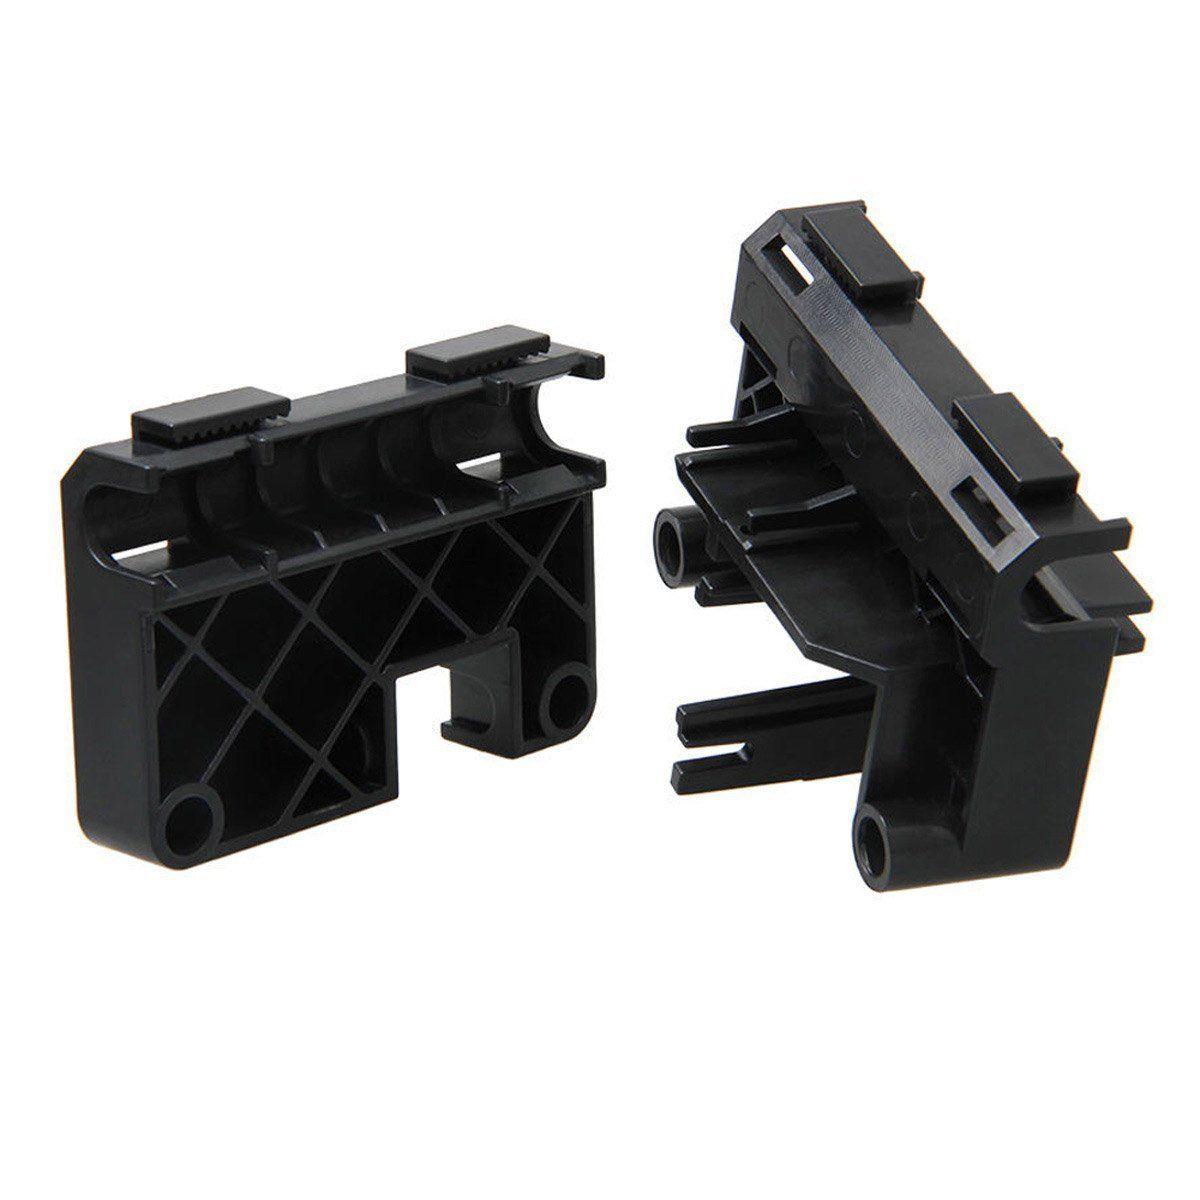 Pièces en plastique kit ensemble Complet Extrudeuse Cadre pour Makerbot Replicator 3D Imprimante MK8 MK7 ABS Noir